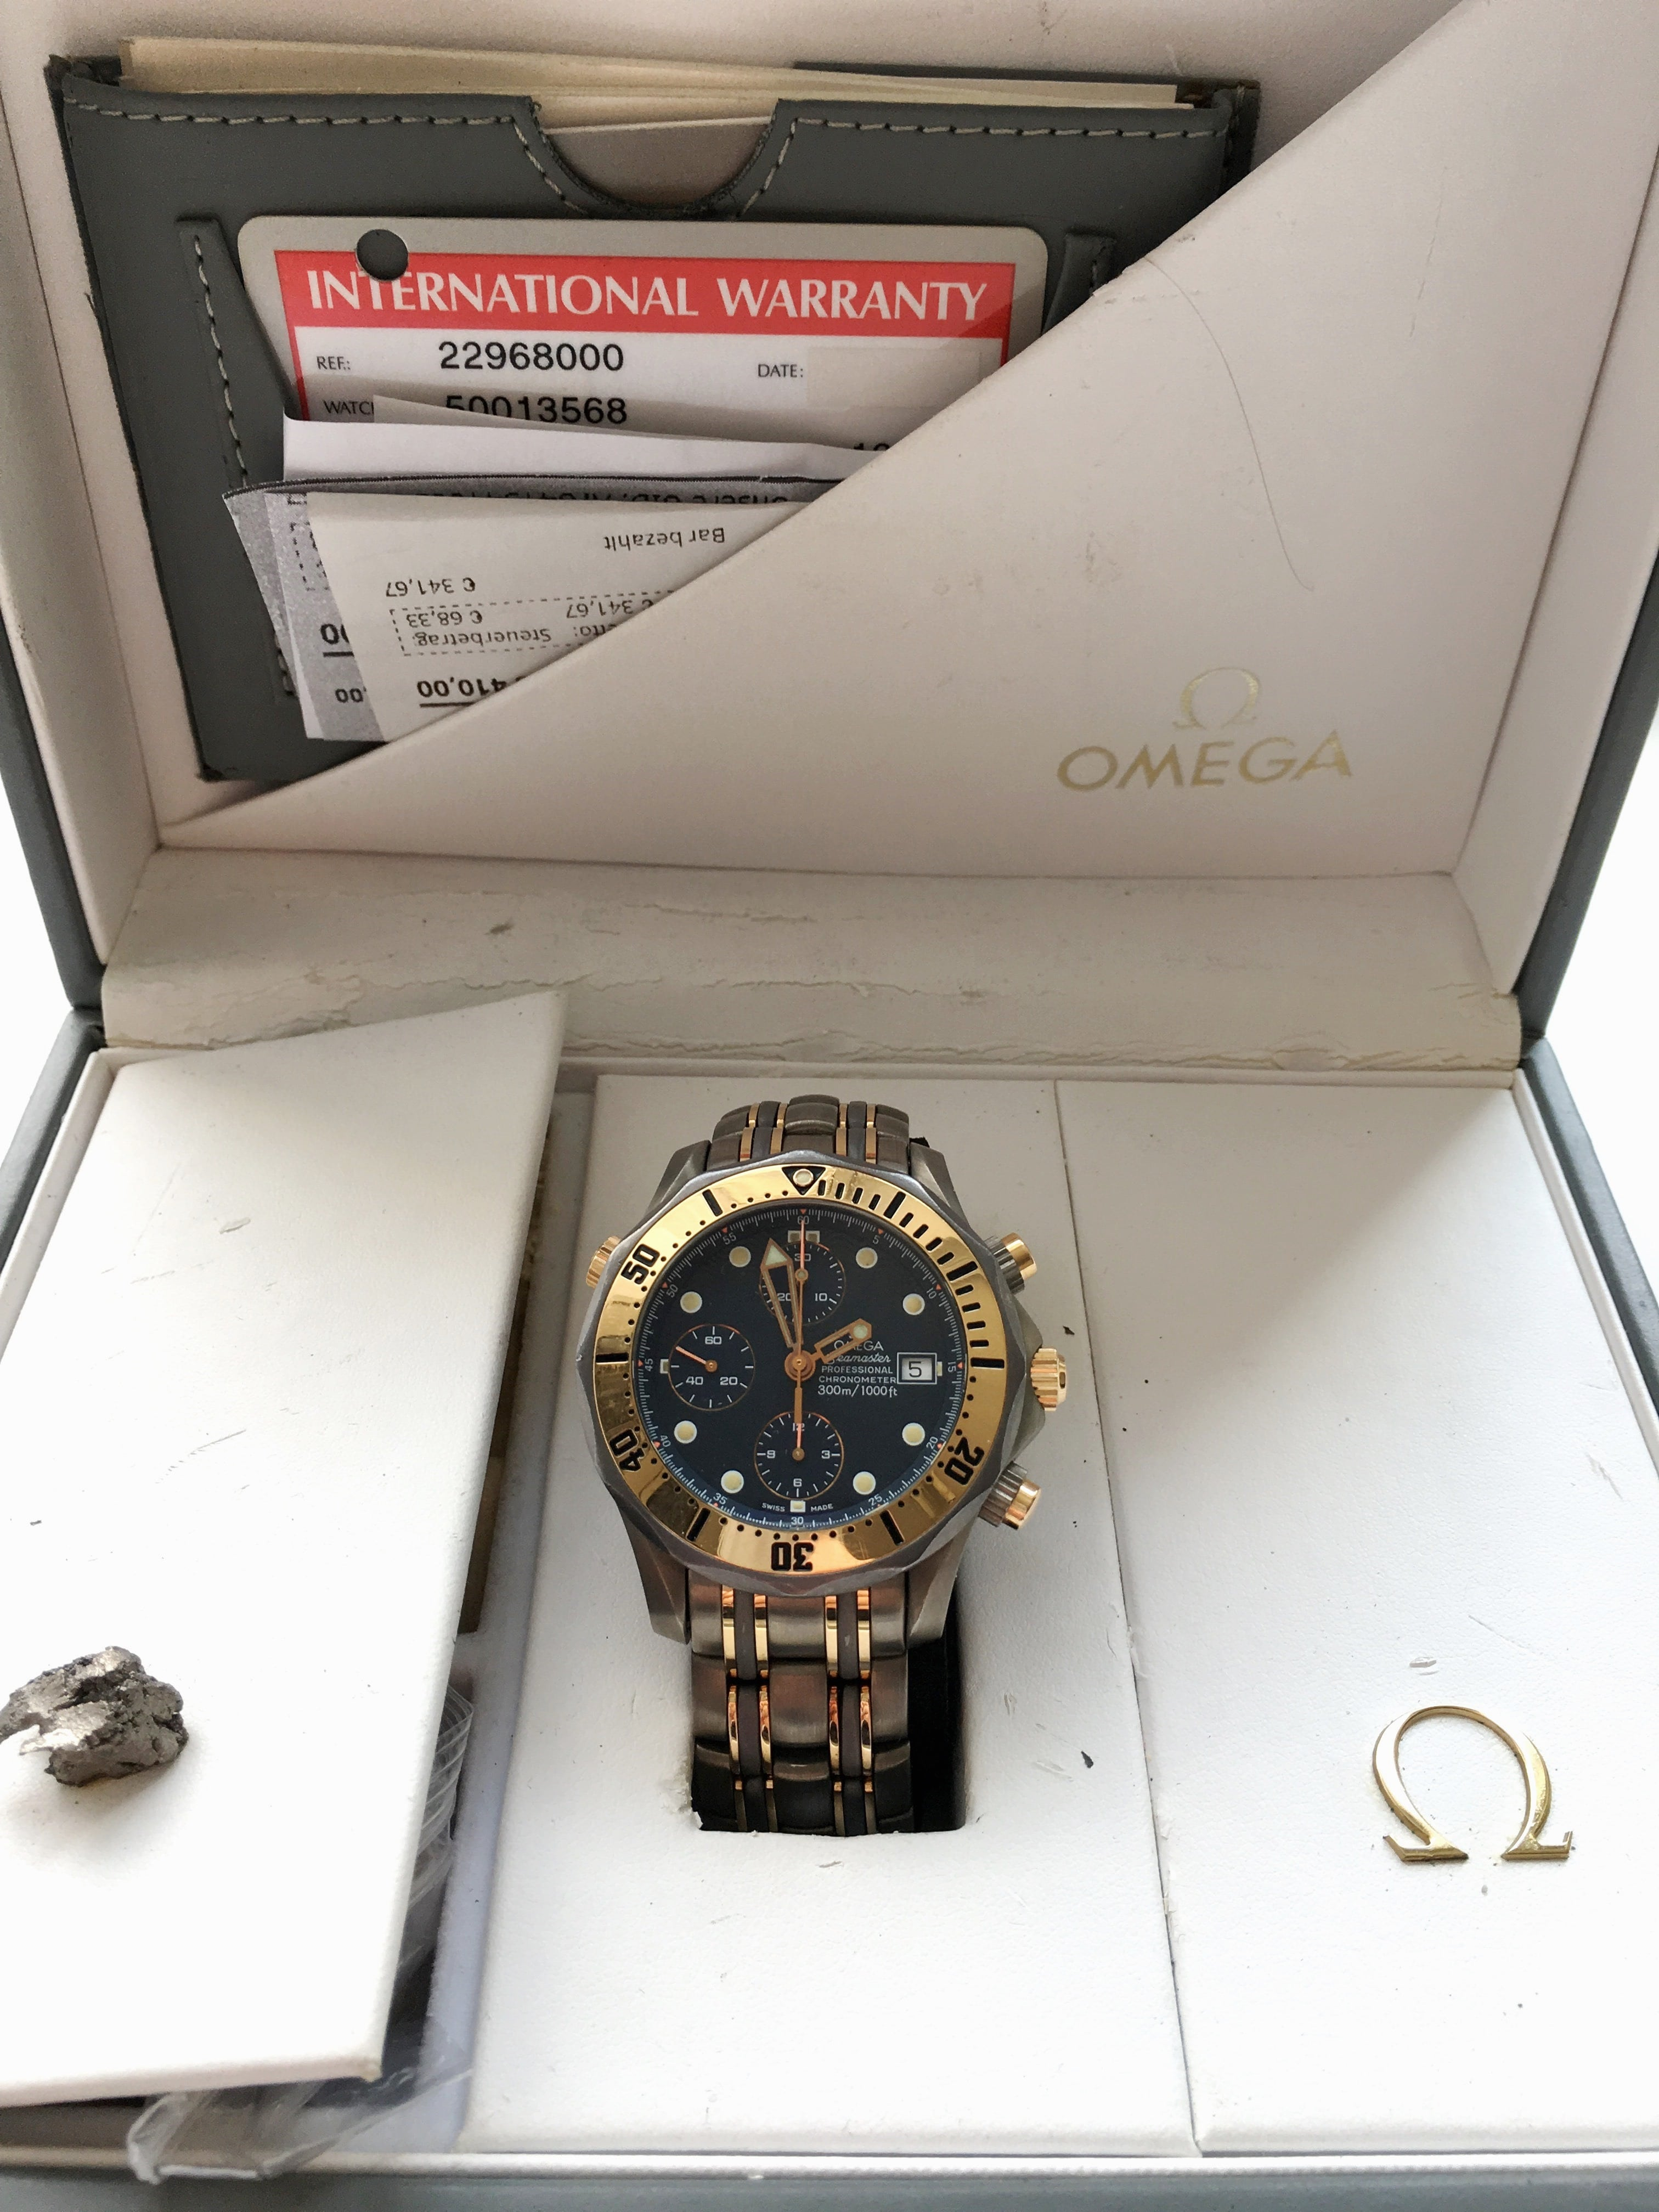 Rare Titanium Rose Gold Tantalum Omega Seamaster Professional 300m Diver Chronograph